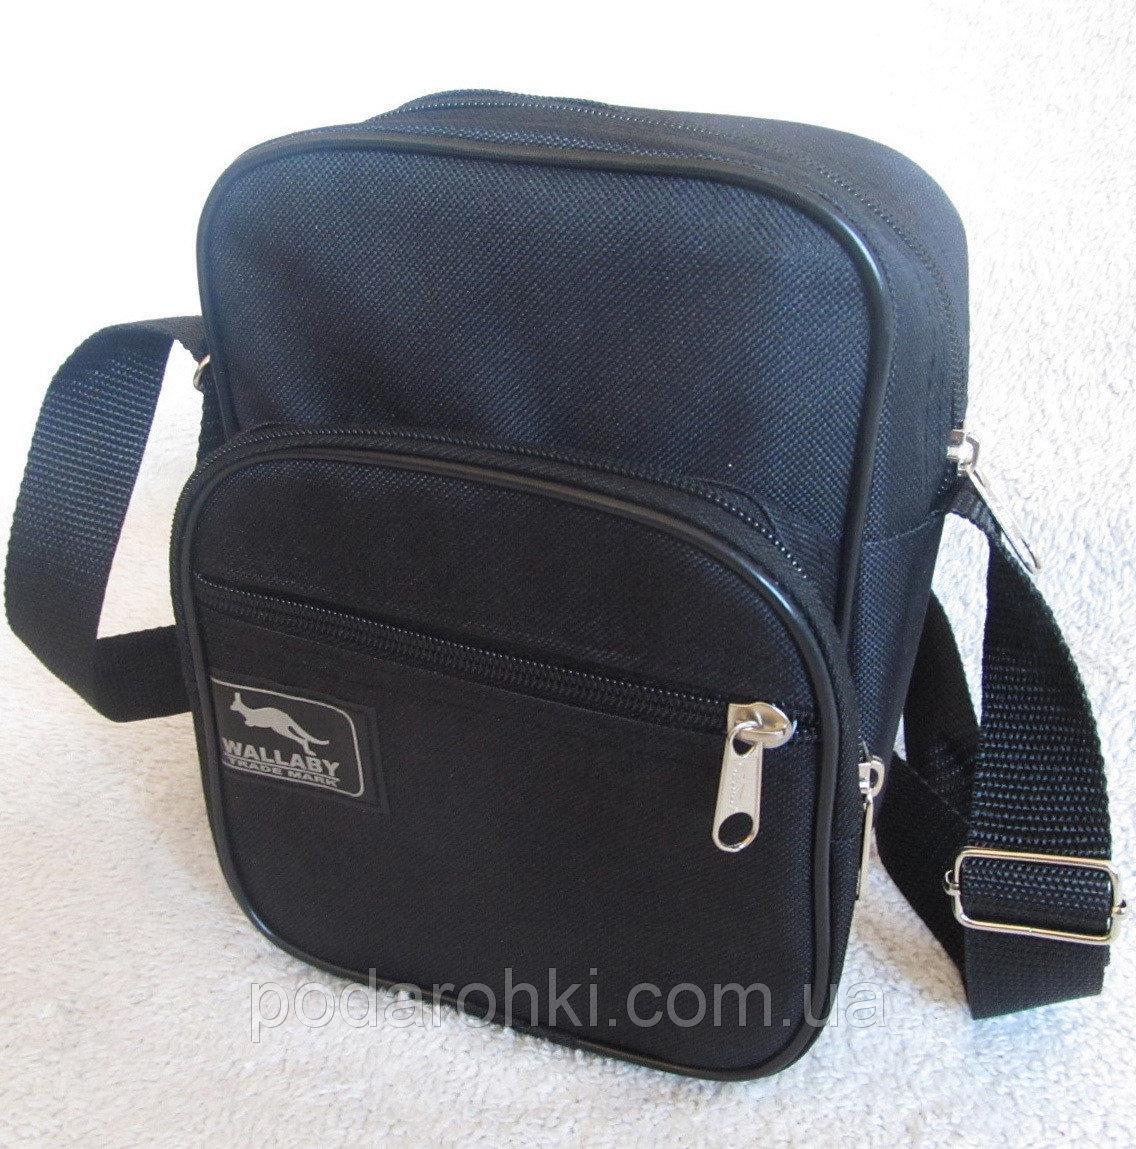 a3d6cda2fa97 Мужская сумка через плечо Wallaby 2661 черная барсетка на пояс 21х16х8см,  цена 98 грн., купить в Харькове — Prom.ua (ID#348415116)